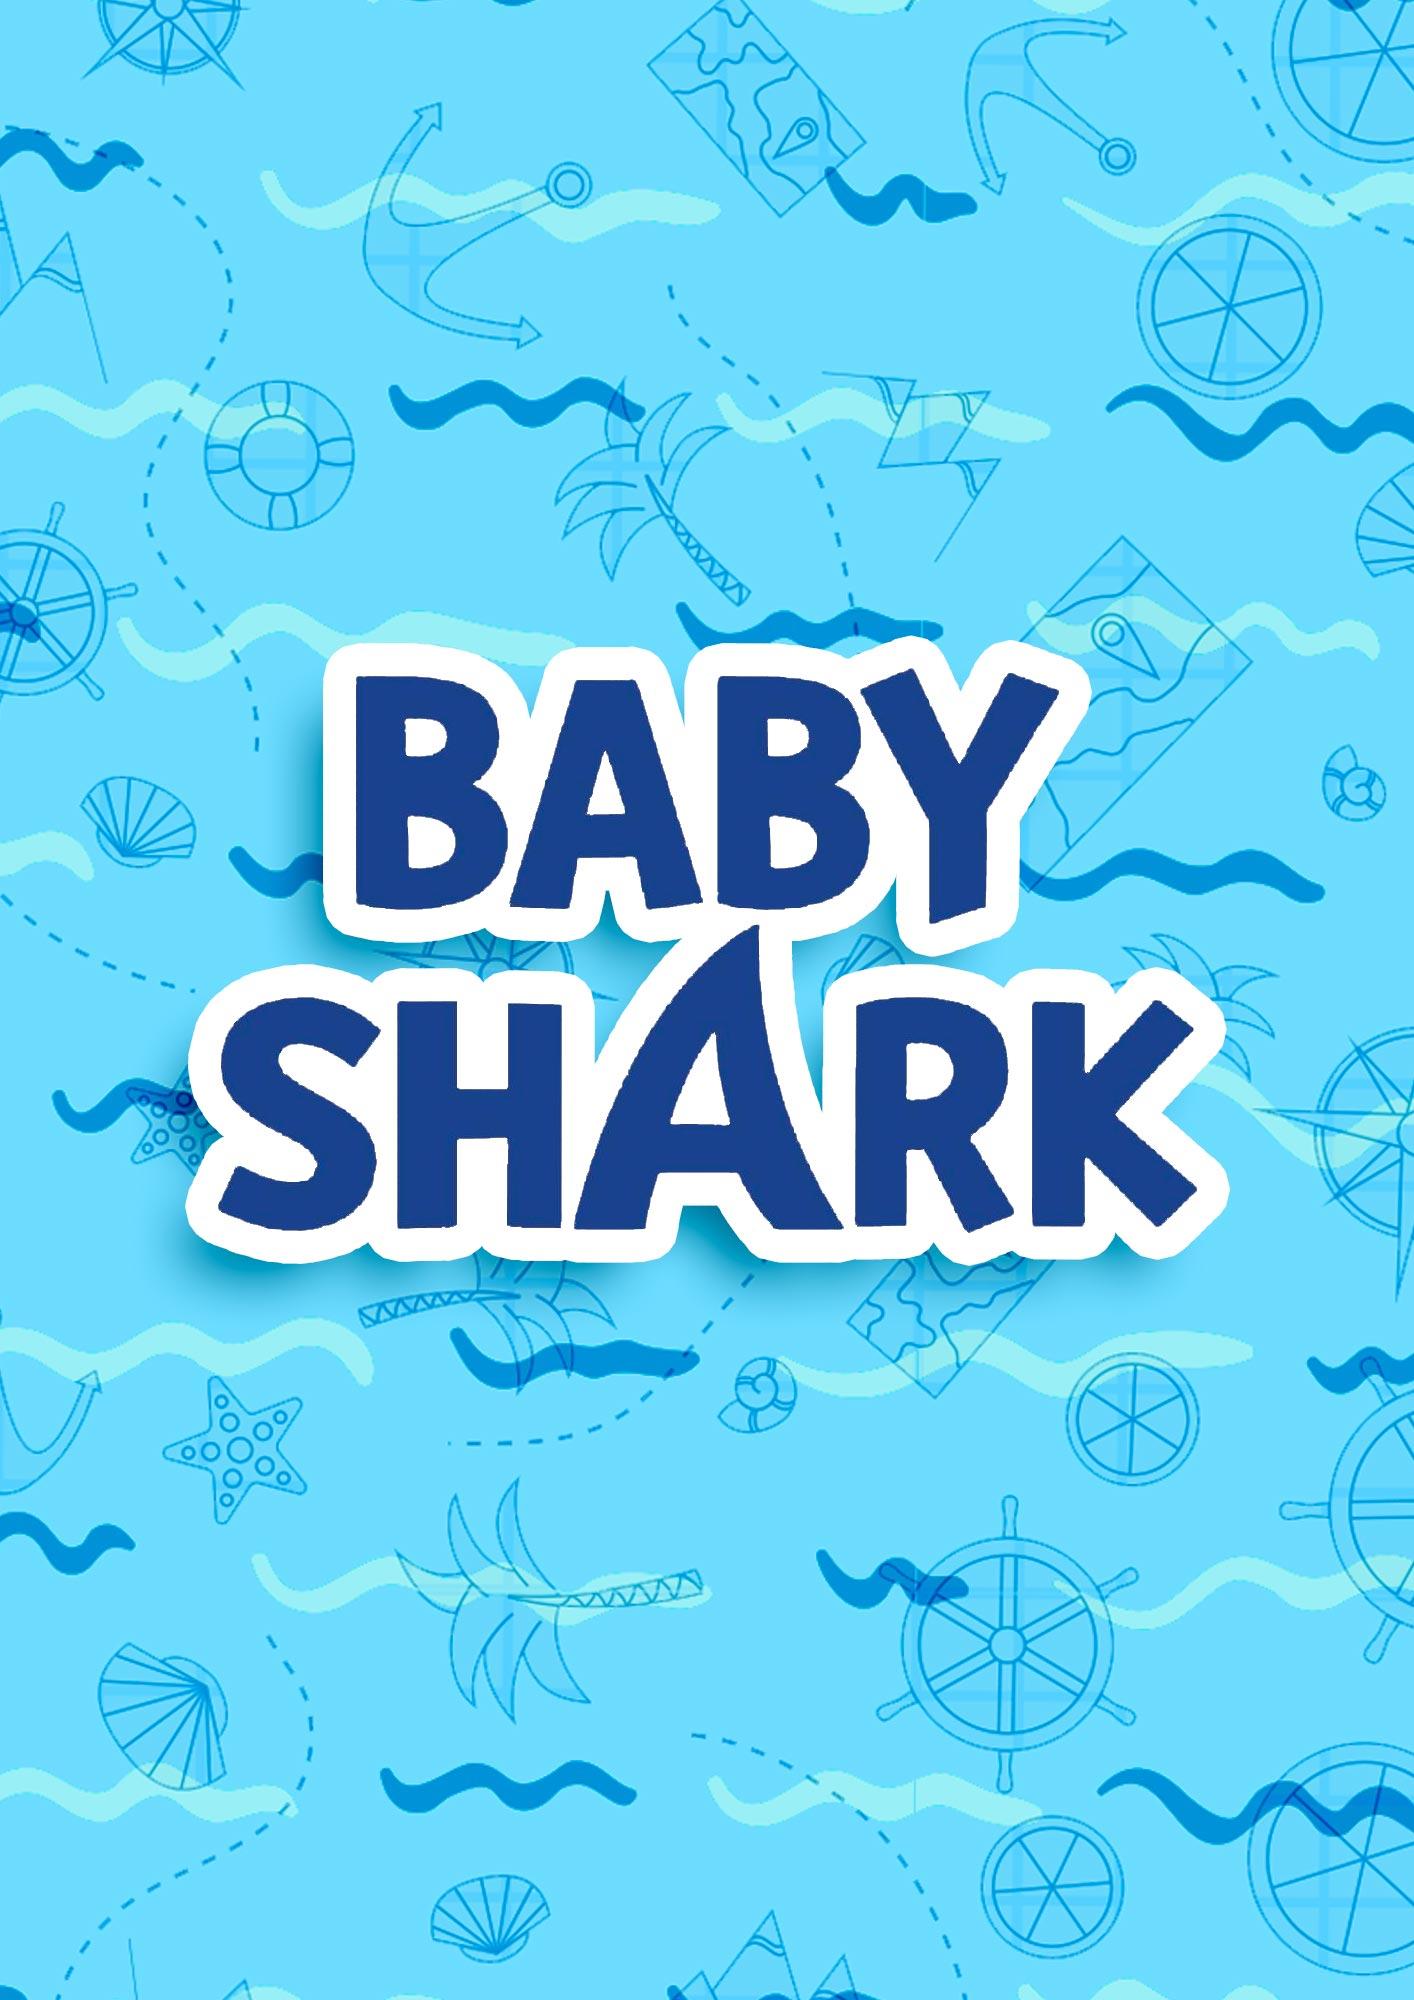 Quadrinho decorativo festa Baby Shark 4